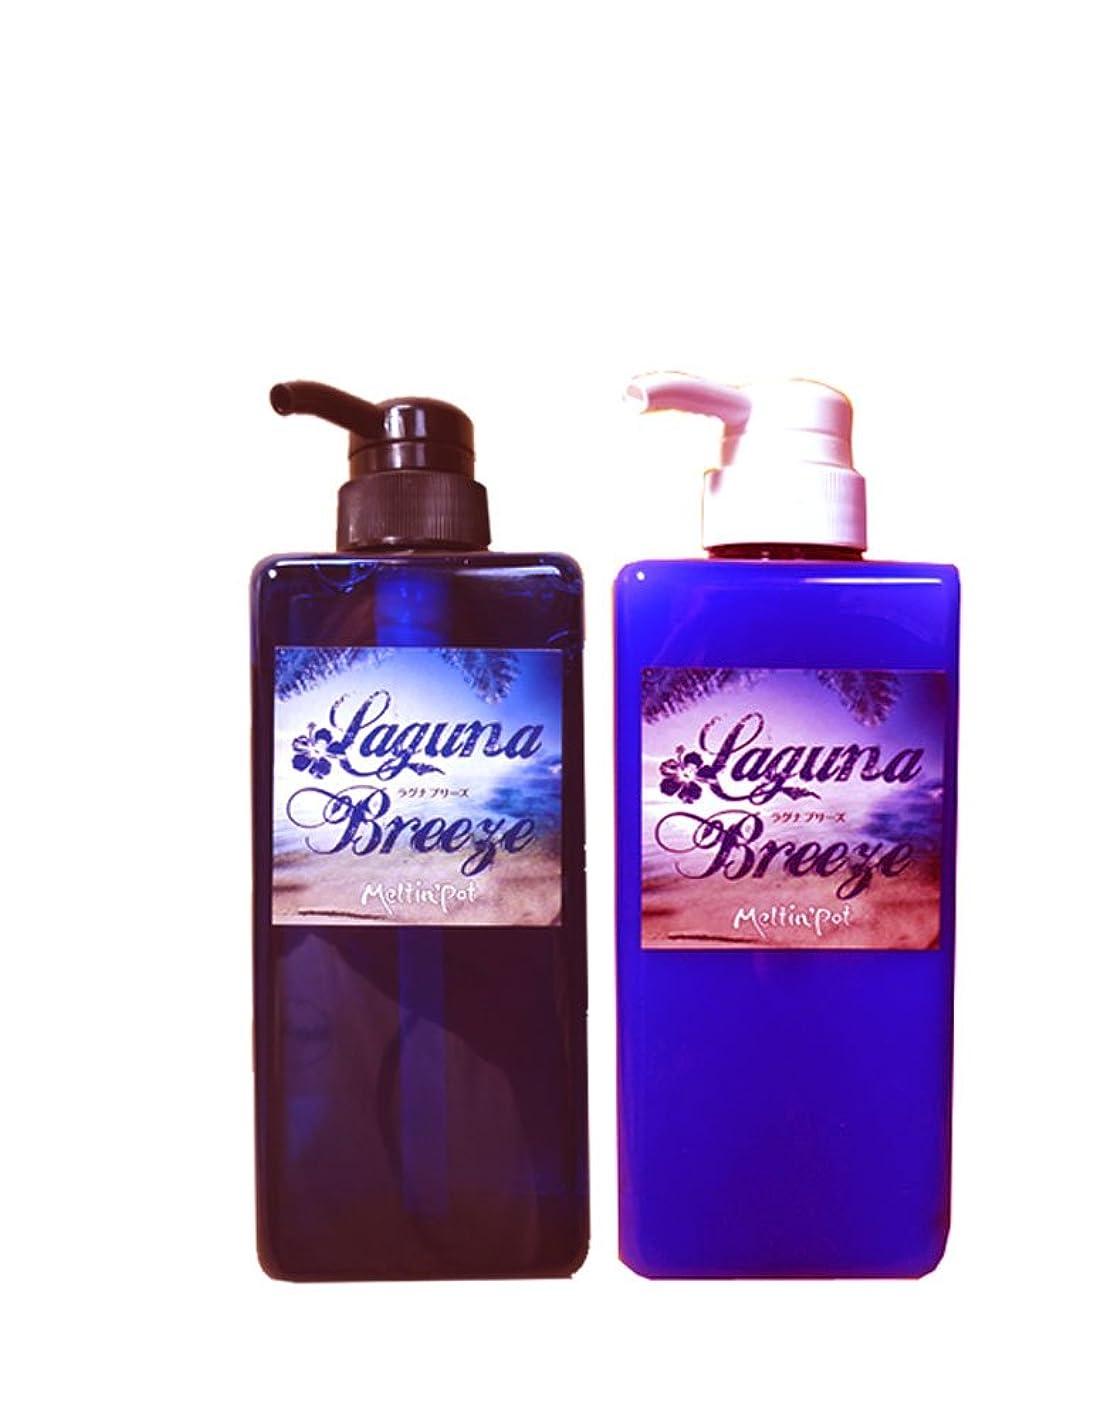 エジプト人枯渇する昇るラグナブリーズ シャンプー&トリートメント 600ml*2  Laguna Breeze shampoo&treatment